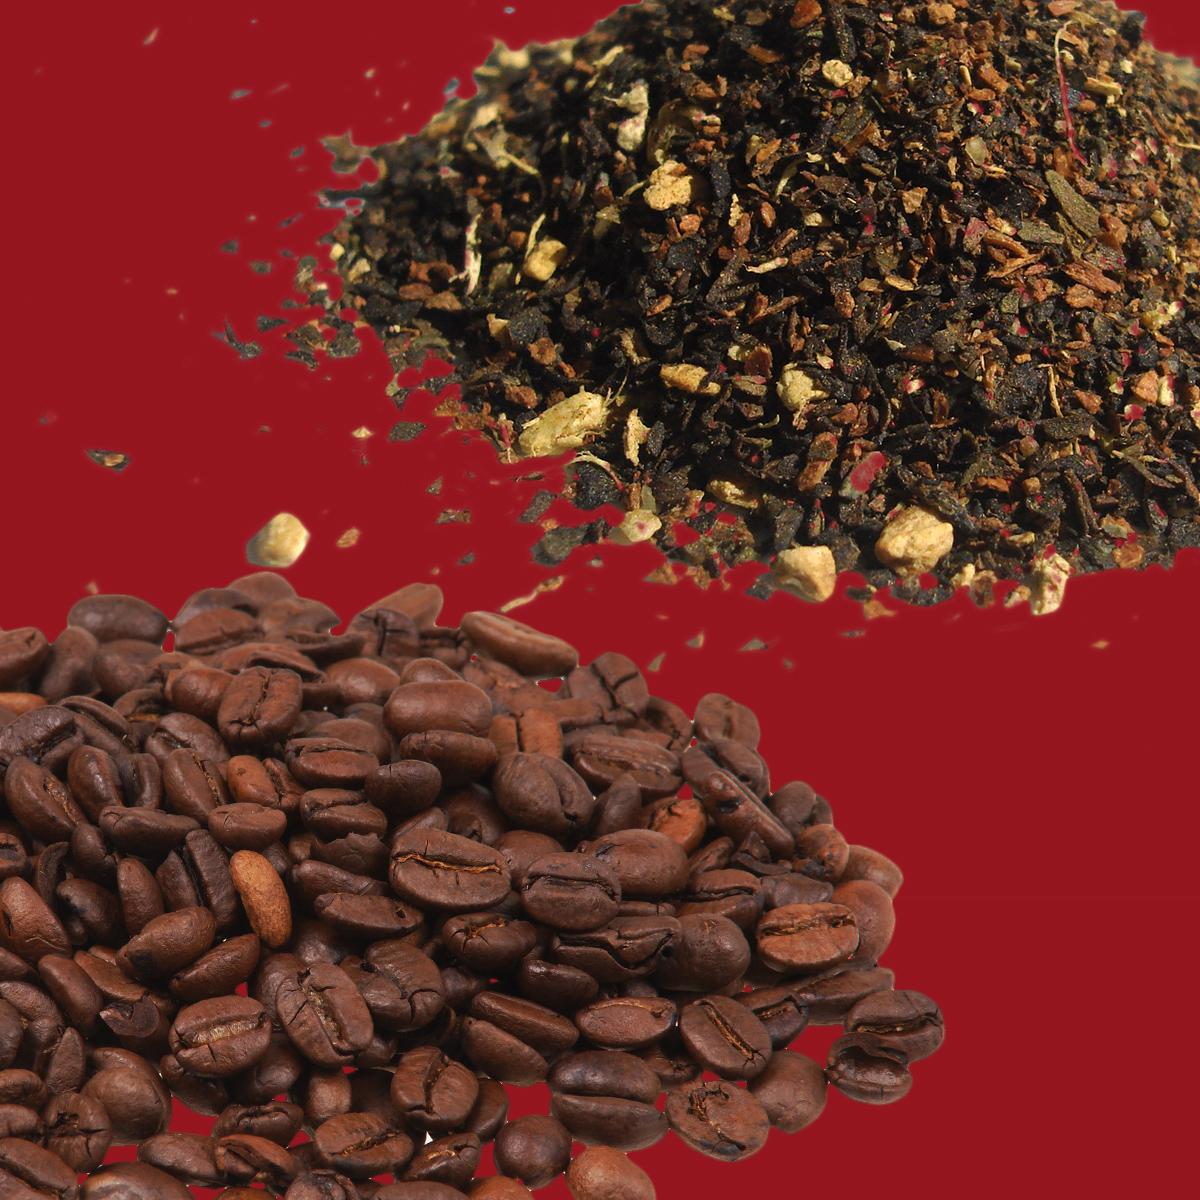 Få øjnene op for den bedste kaffe og te til private og erhverv - Kaffemøllen